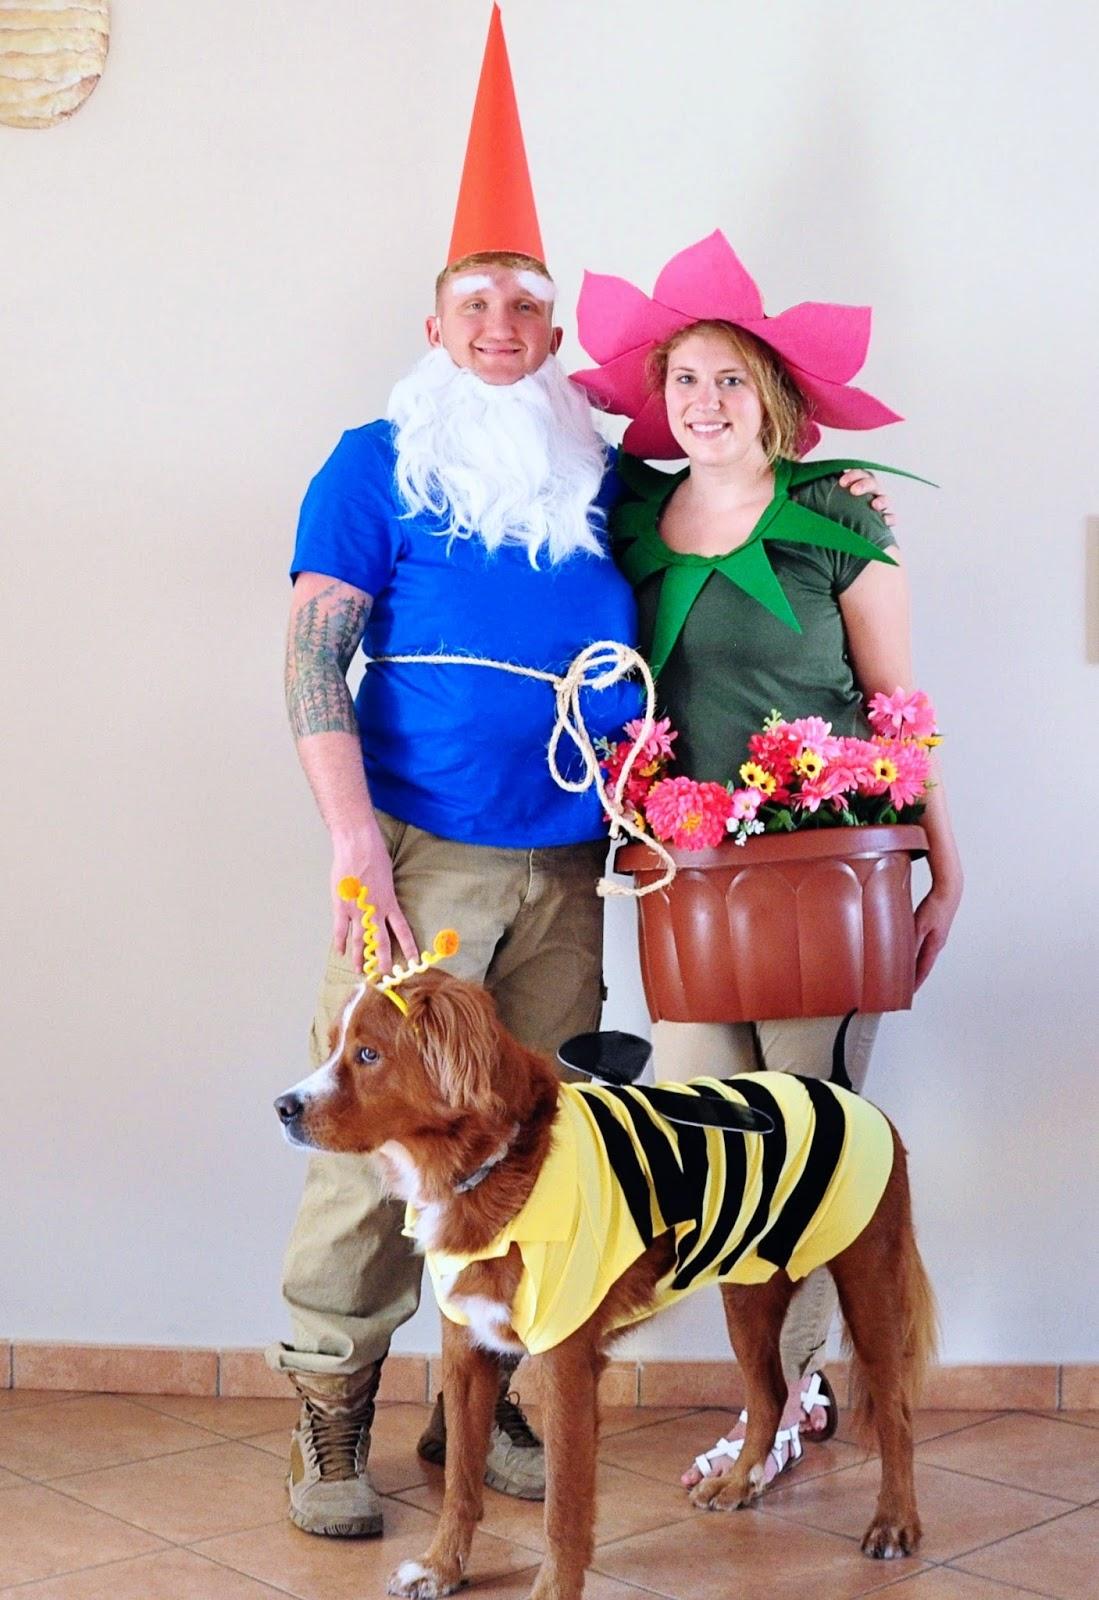 Gnome In Garden: Little Sloth: Garden Gnome, Flower, Bee Family Costume